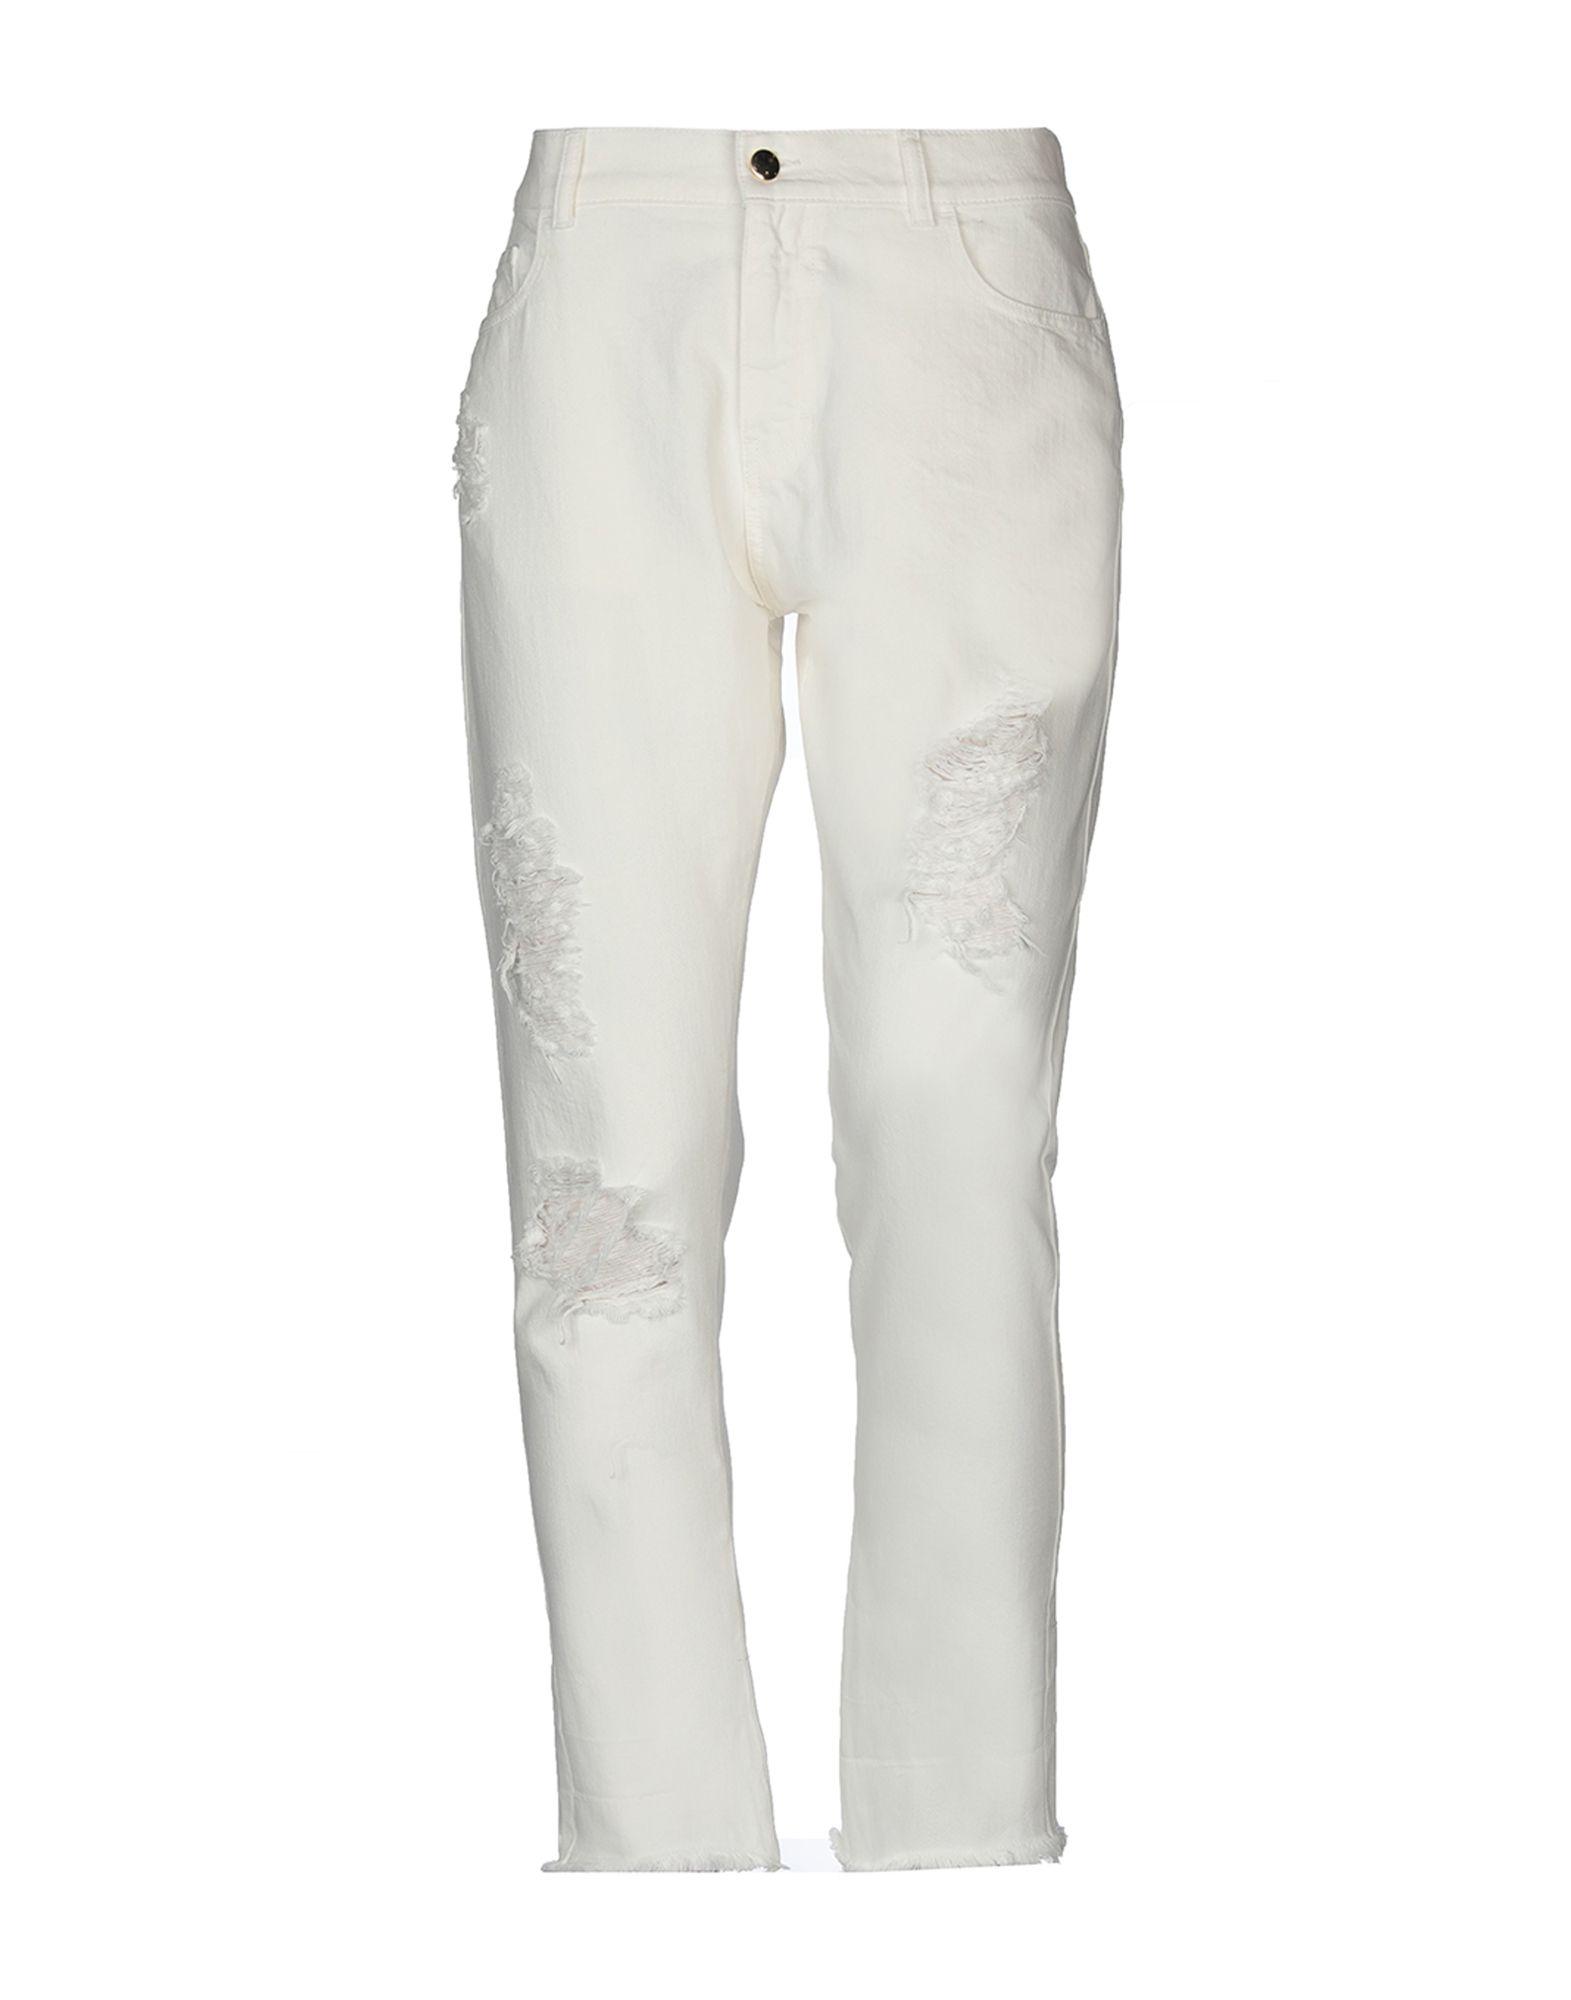 Фото - MARCO BOLOGNA Джинсовые бермуды marco bologna джинсовые шорты